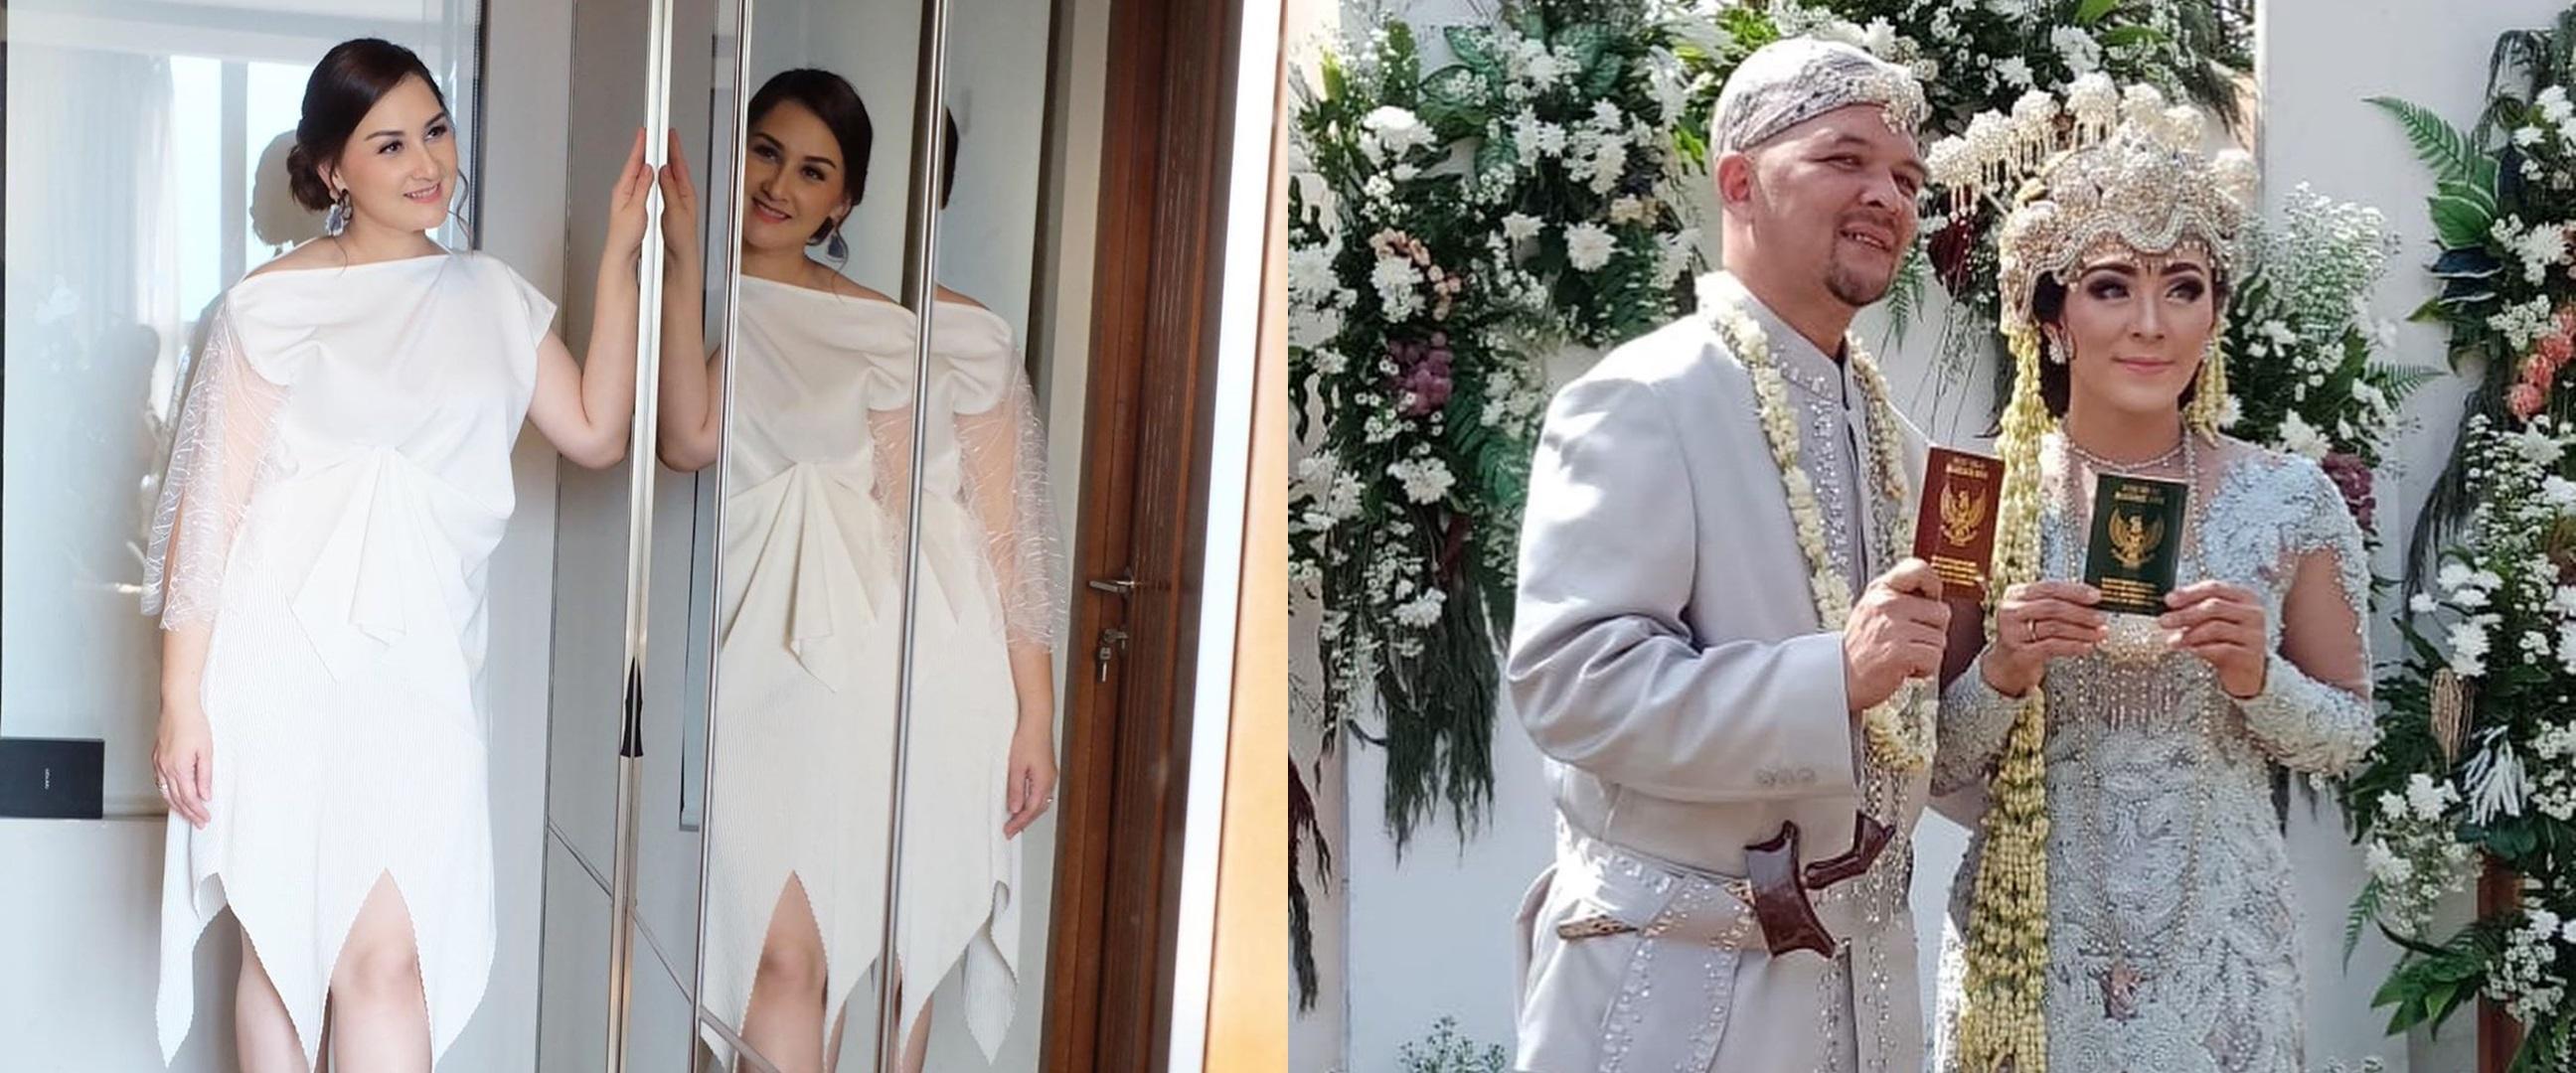 Curhat haru Mona Ratuliu tidak bisa hadiri pernikahan kakak